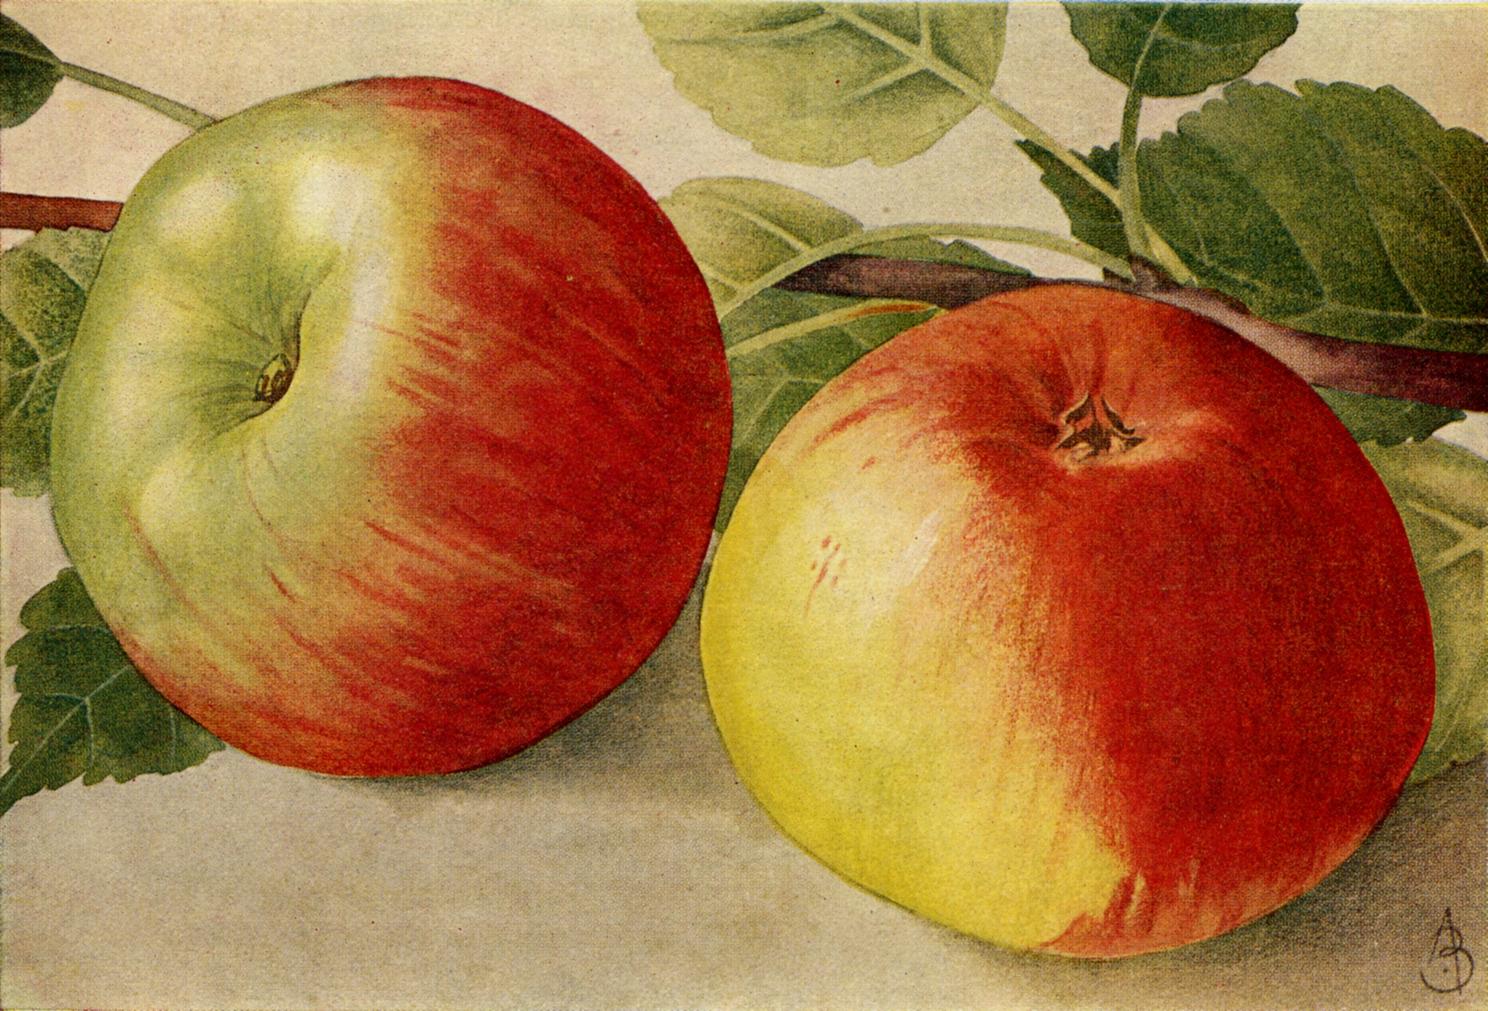 Lb appeltje voor de dorst - 3 3